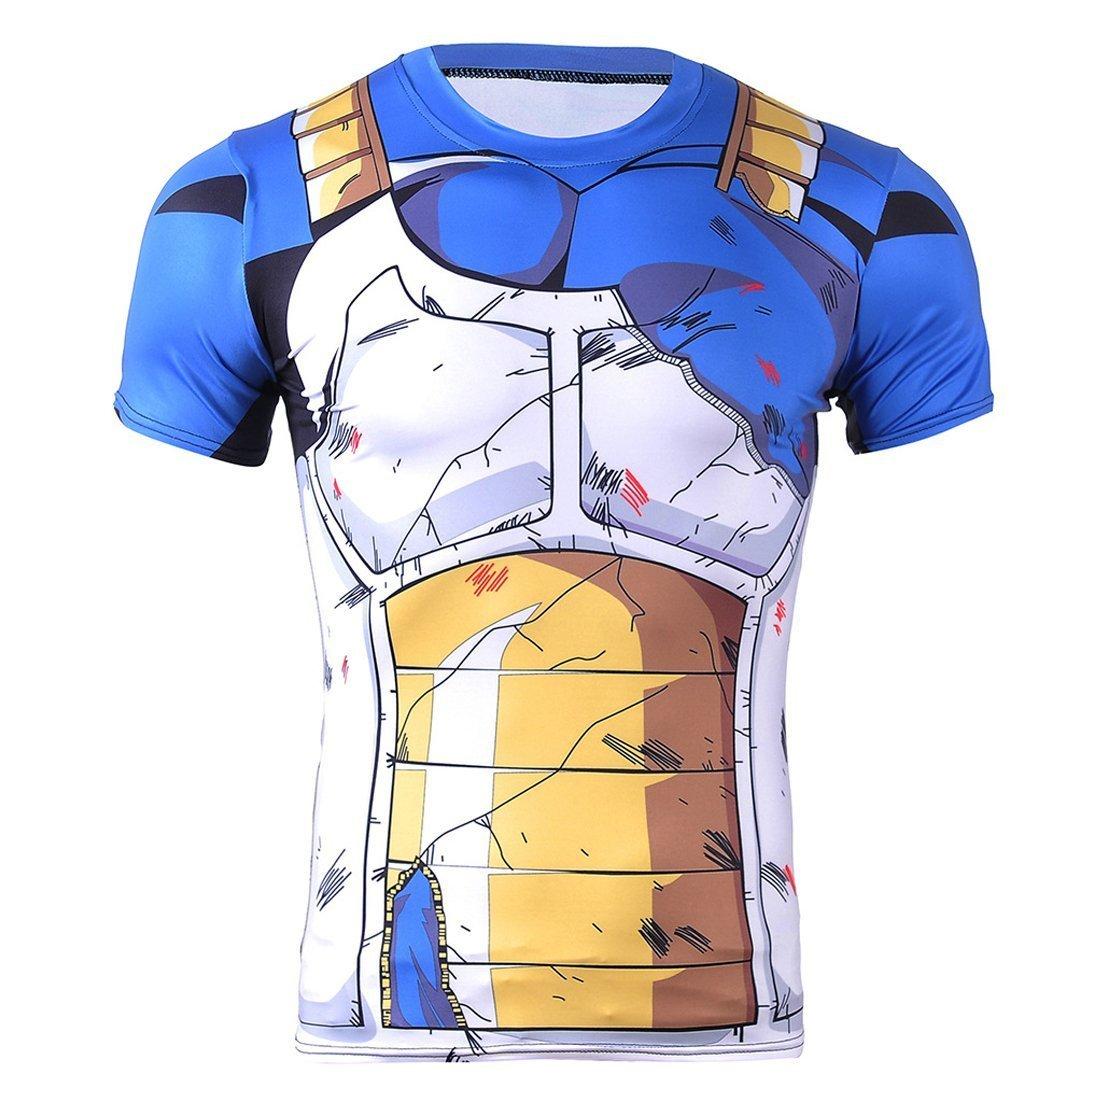 CoolChangeT-Shirt di La Bola del dragó n, Talla: M